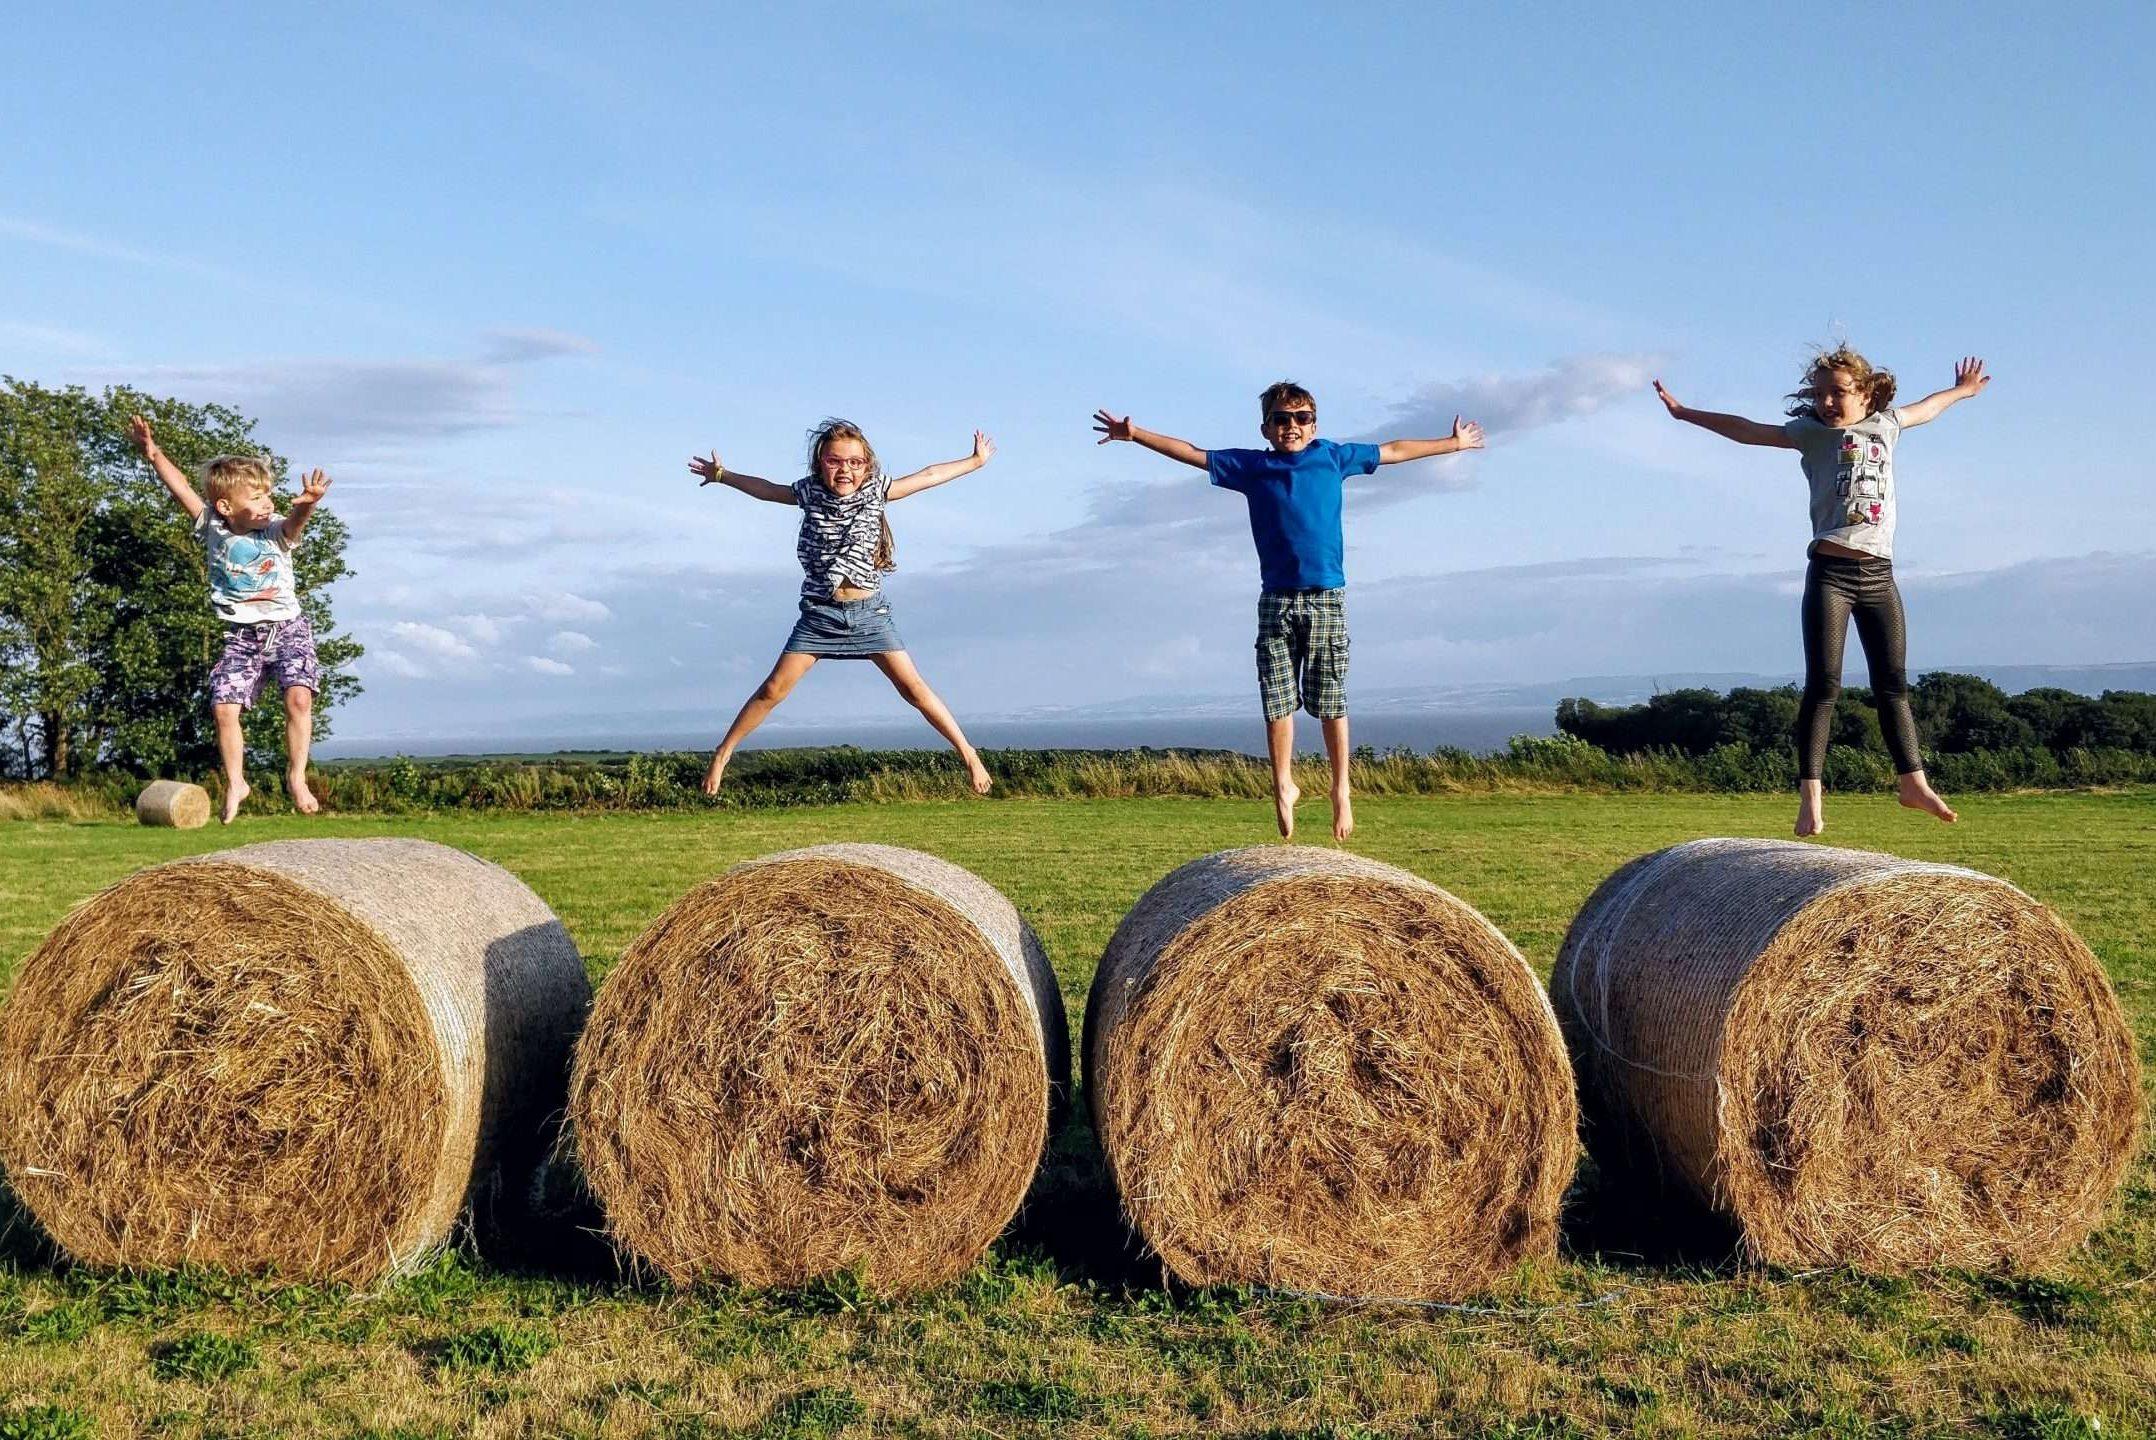 children on straw bales